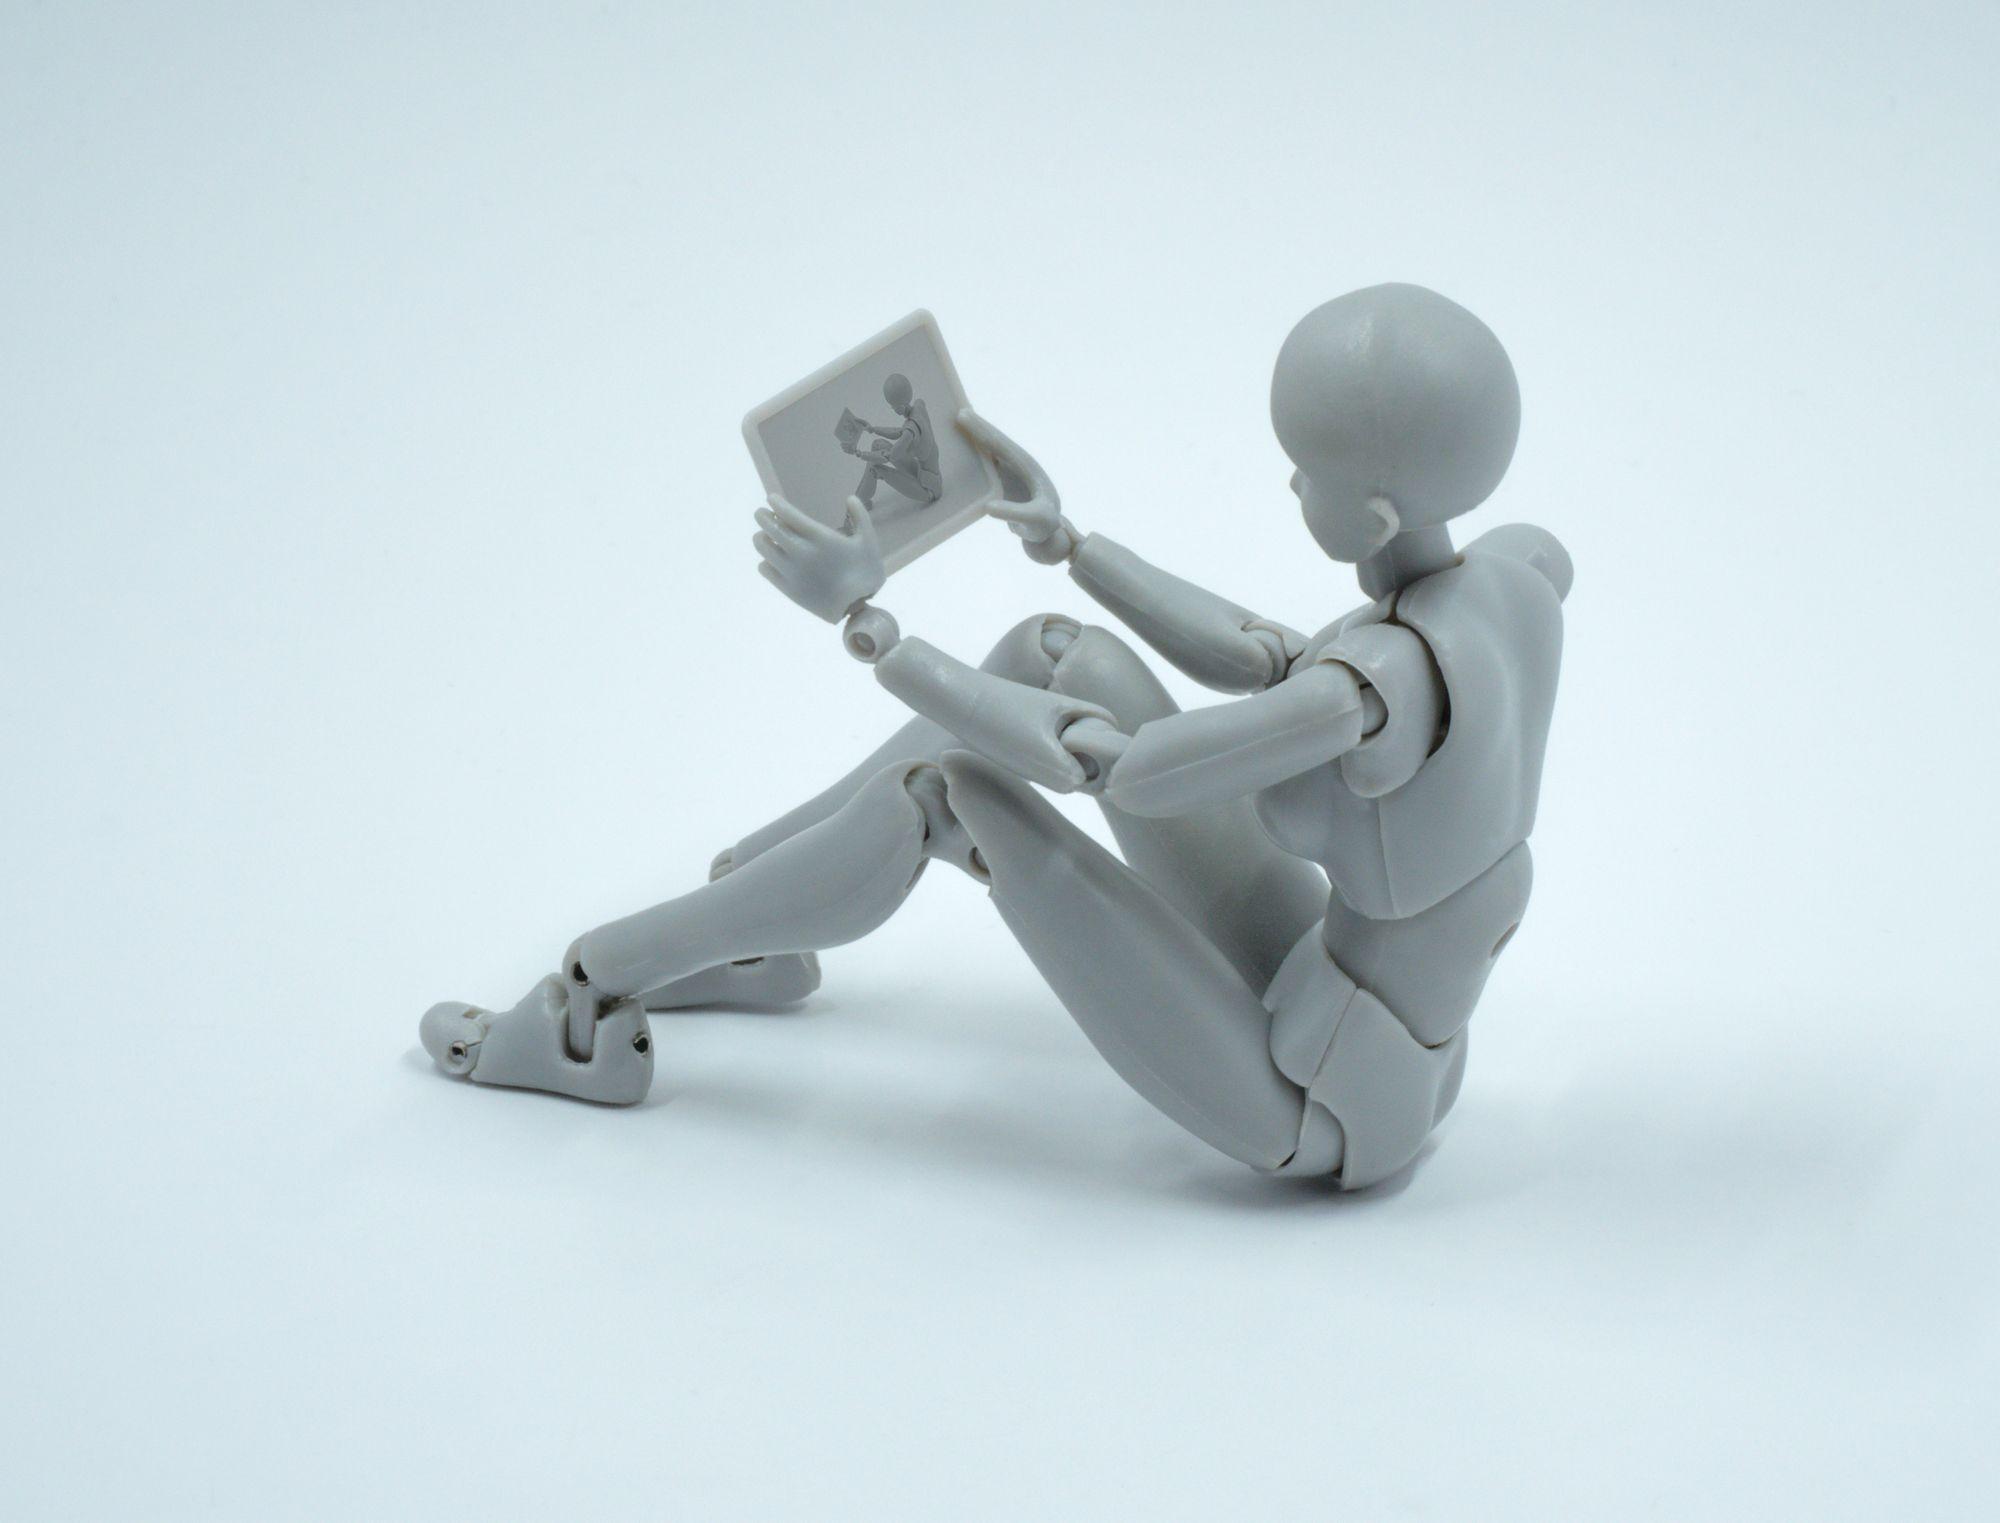 Robot qui regarde une tablette avec son reflet